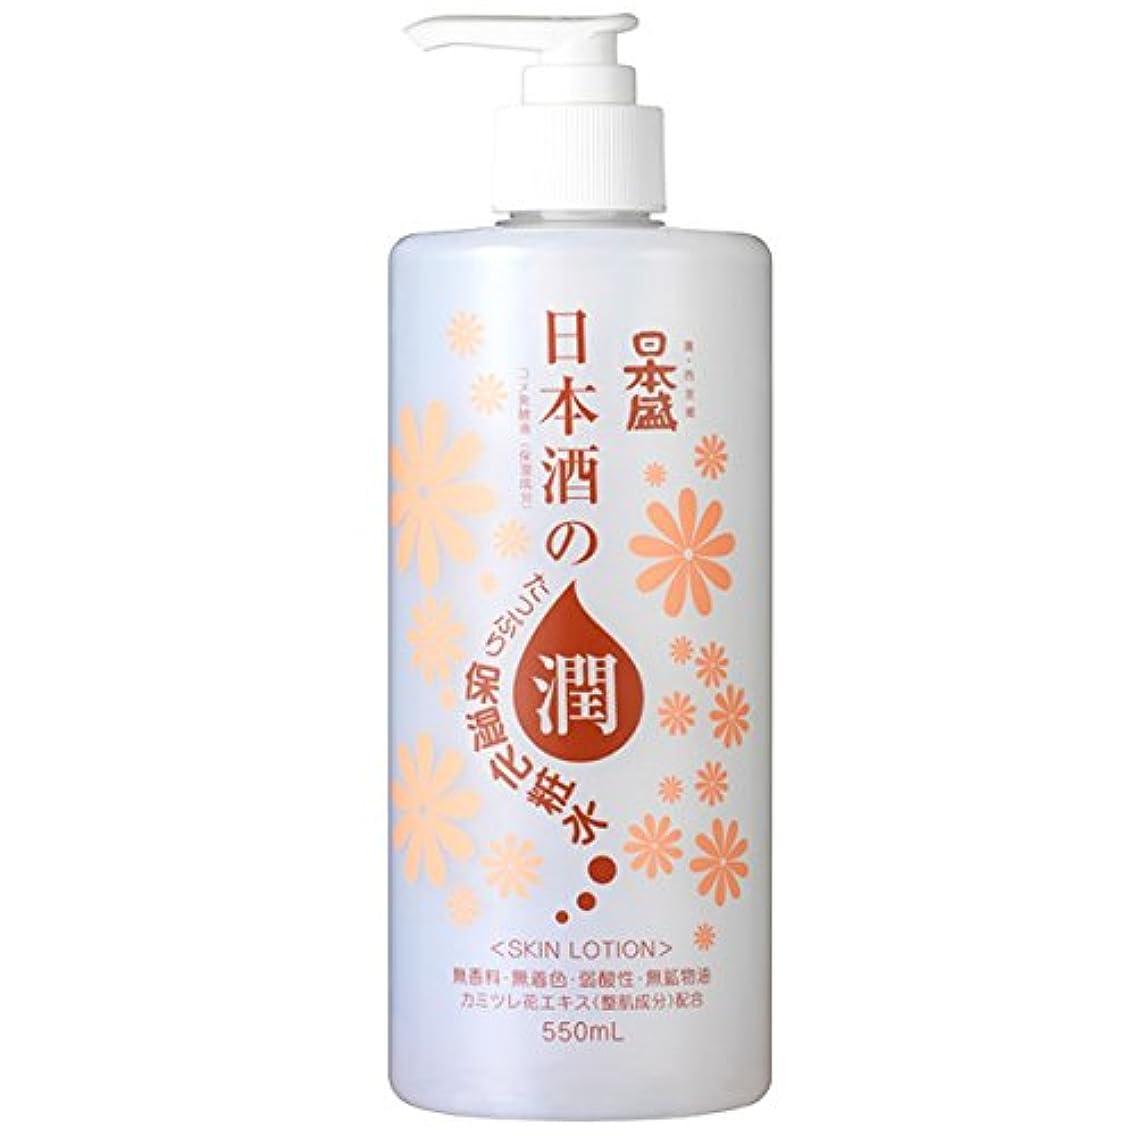 ビヨン悪用細部日本酒のたっぷり保湿化粧水 550ml